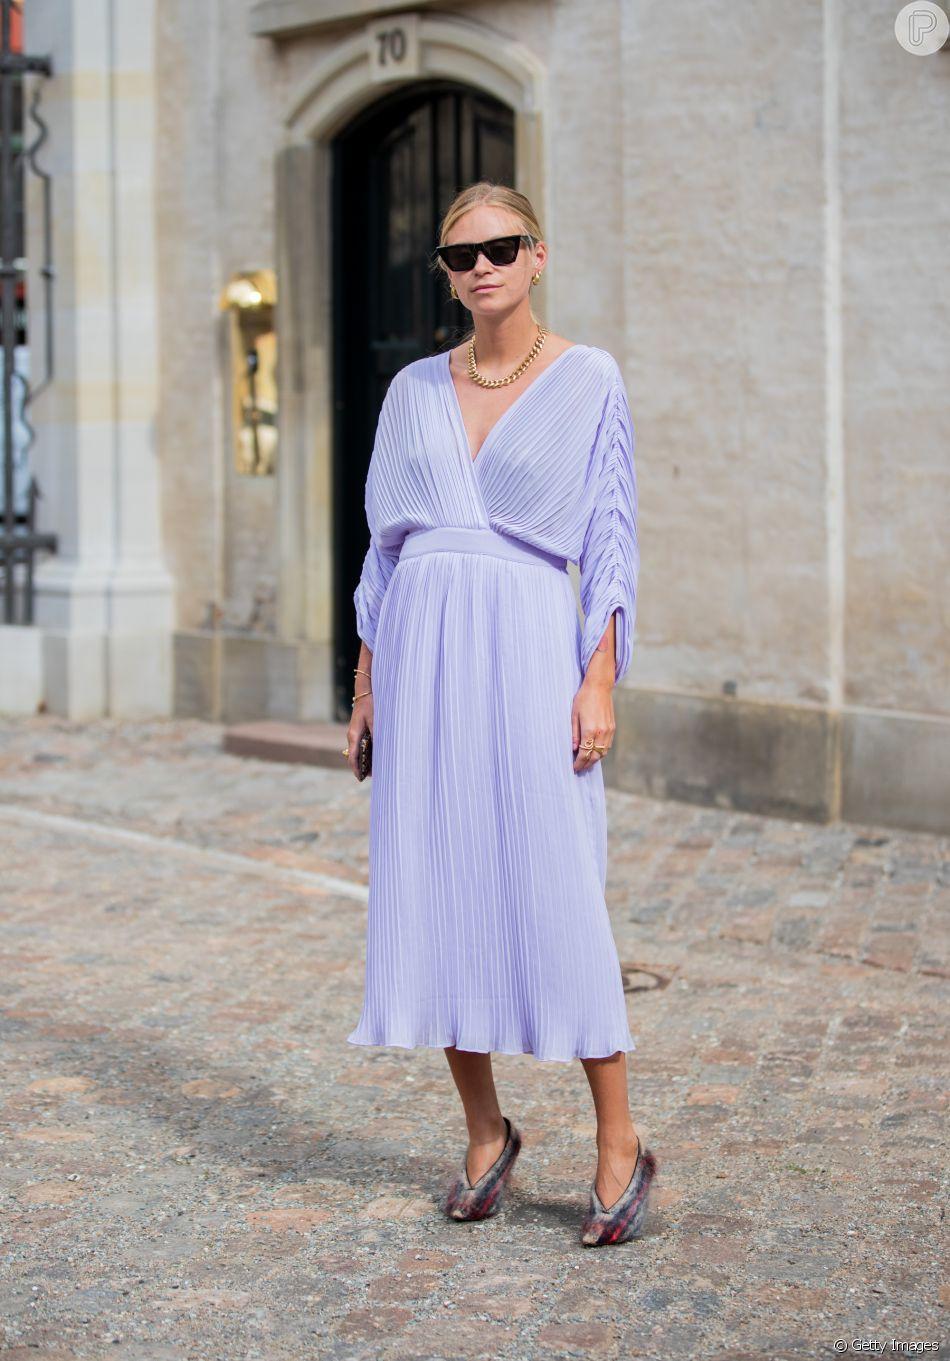 No Verão O Vestido Plissado Em Tons Pastel Como O Lavanda